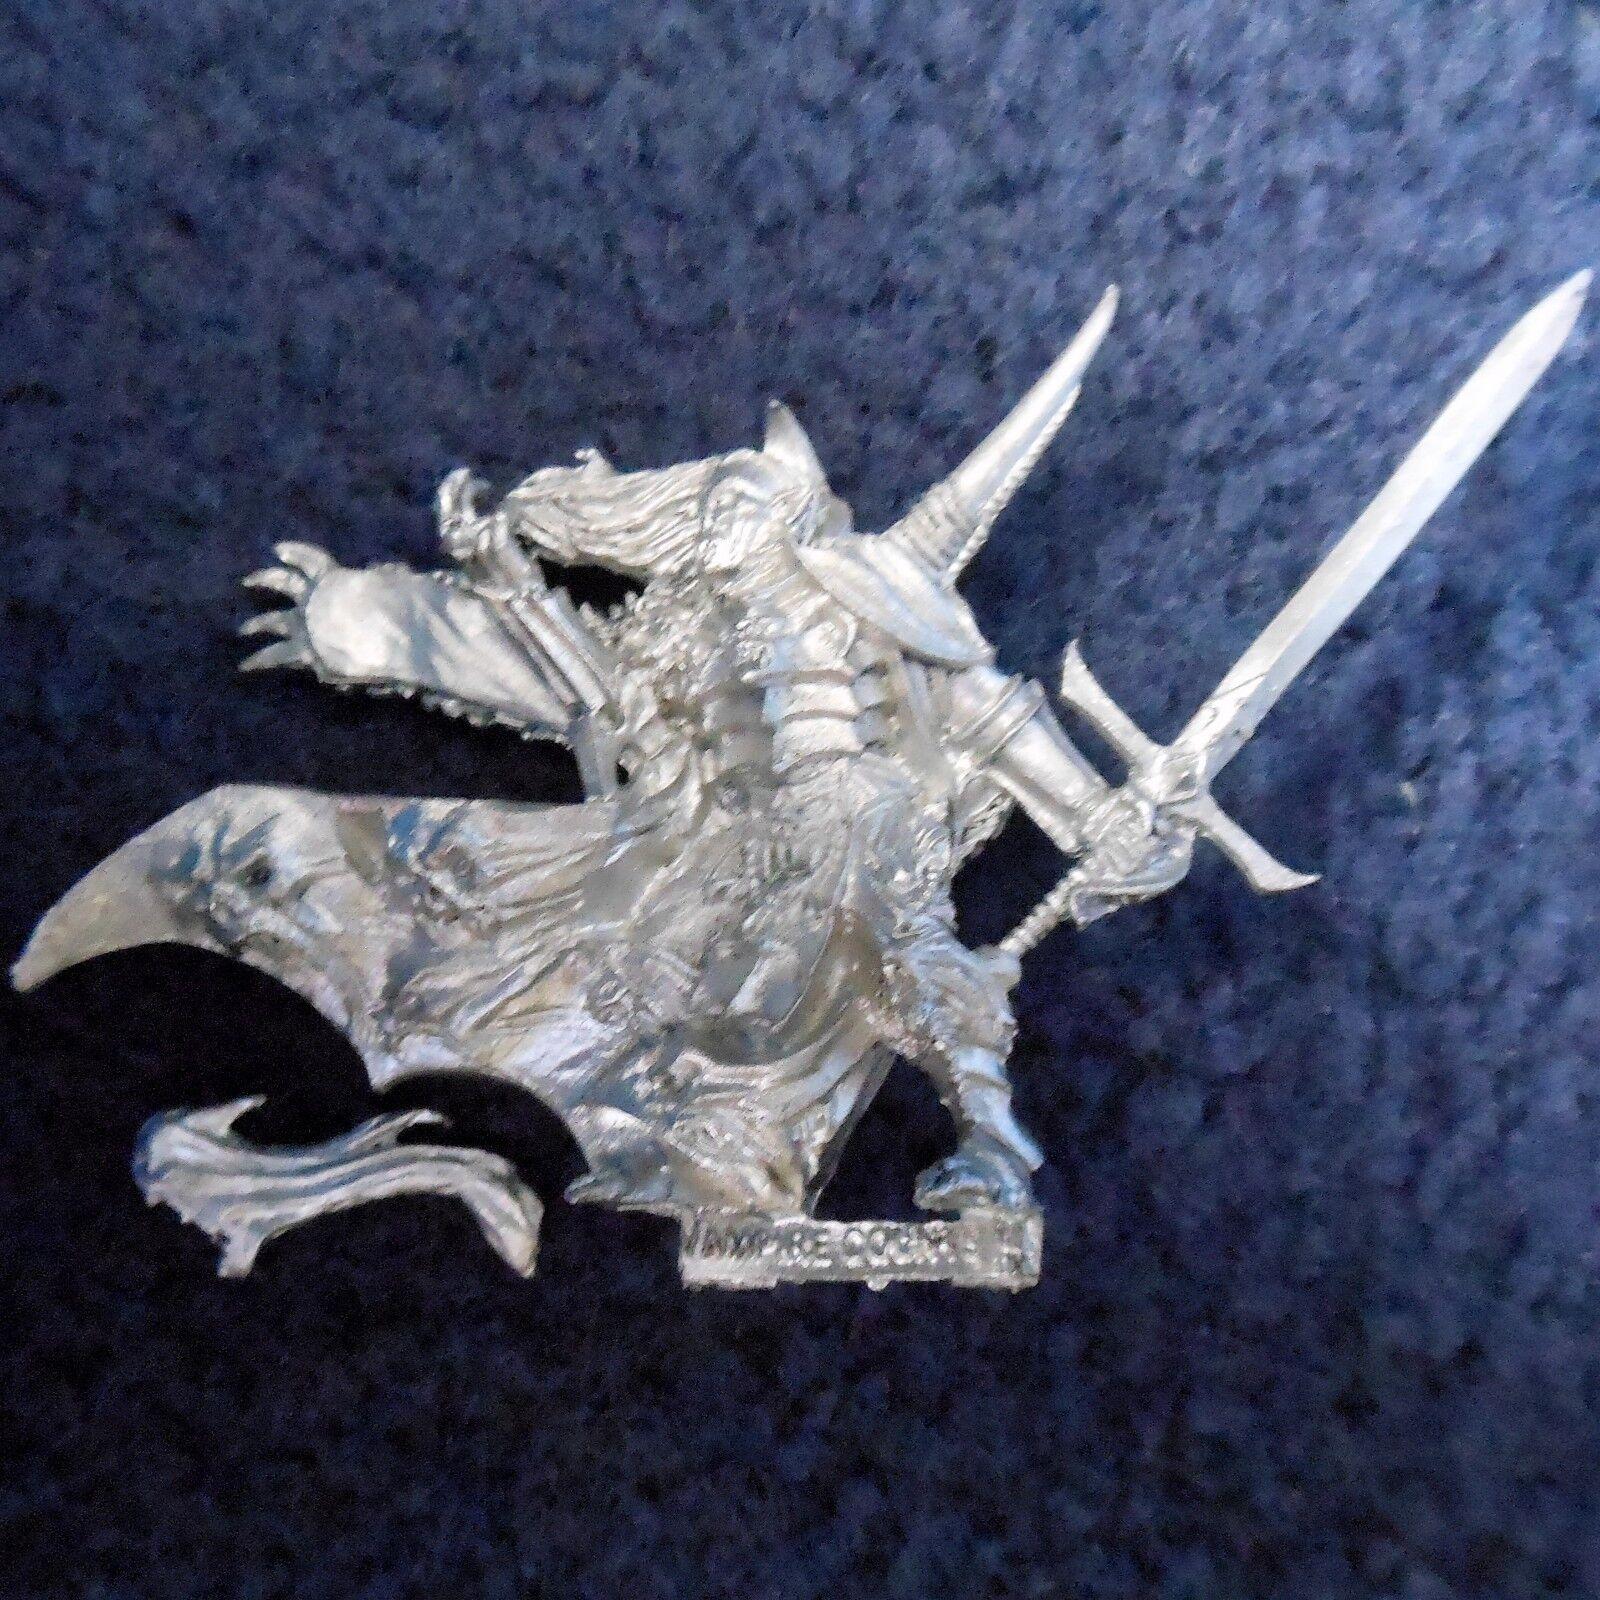 2007 Undead Vlad Von Carstein Citadel Warhammer Warhammer Warhammer Army Vampire Counts Lord Fantasy cd2b45